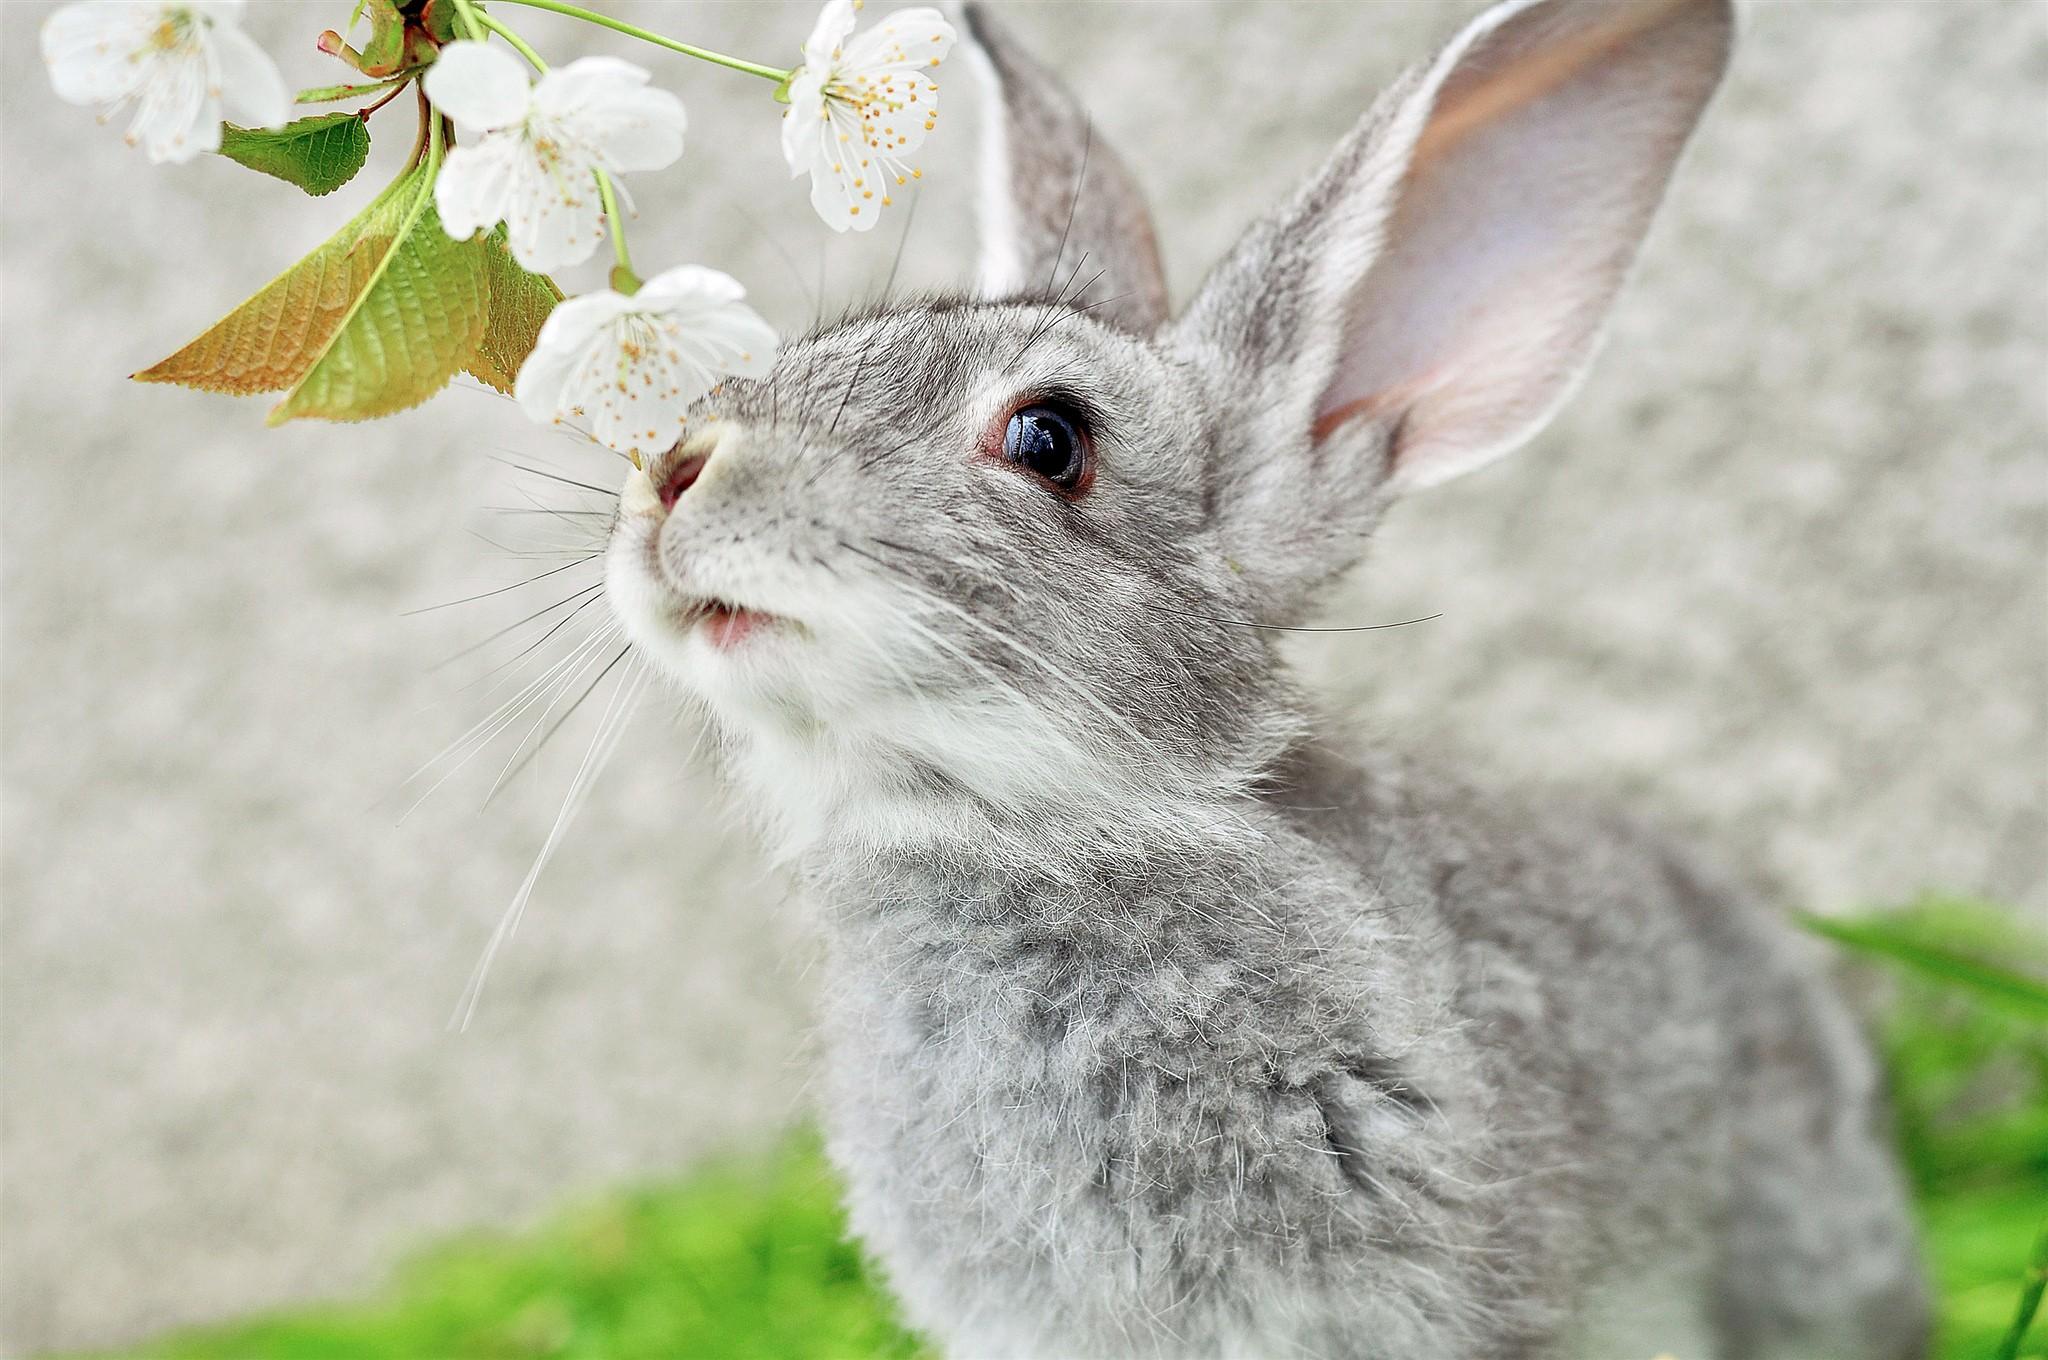 испуганный кролик  № 367678 бесплатно